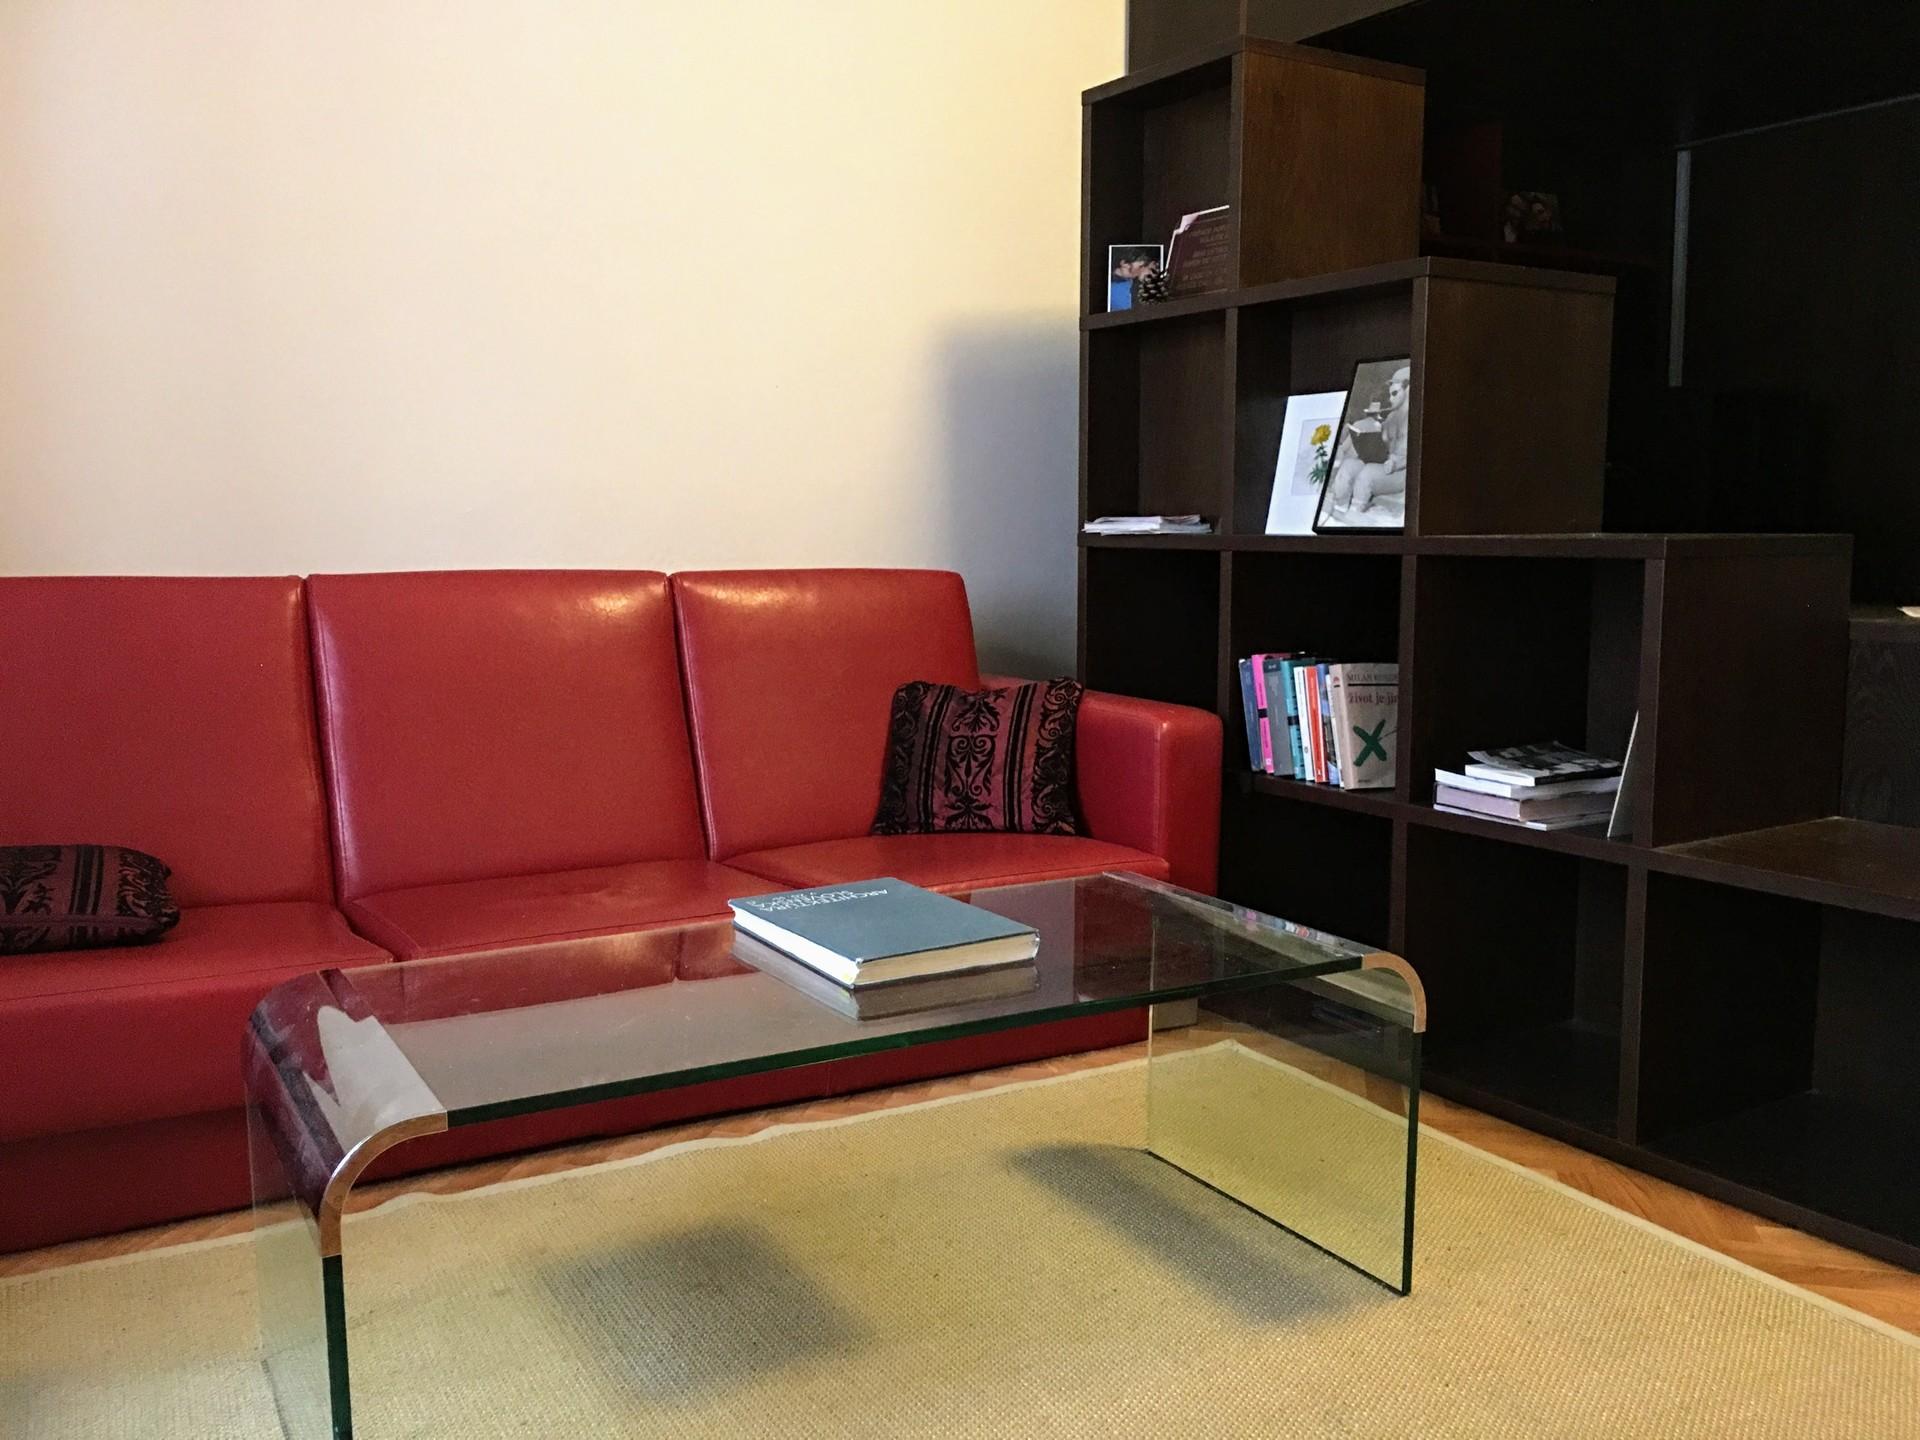 full-equipped-great-located-studio-central-bratislava-8fa2fcb41eb912be9c848f03013507da